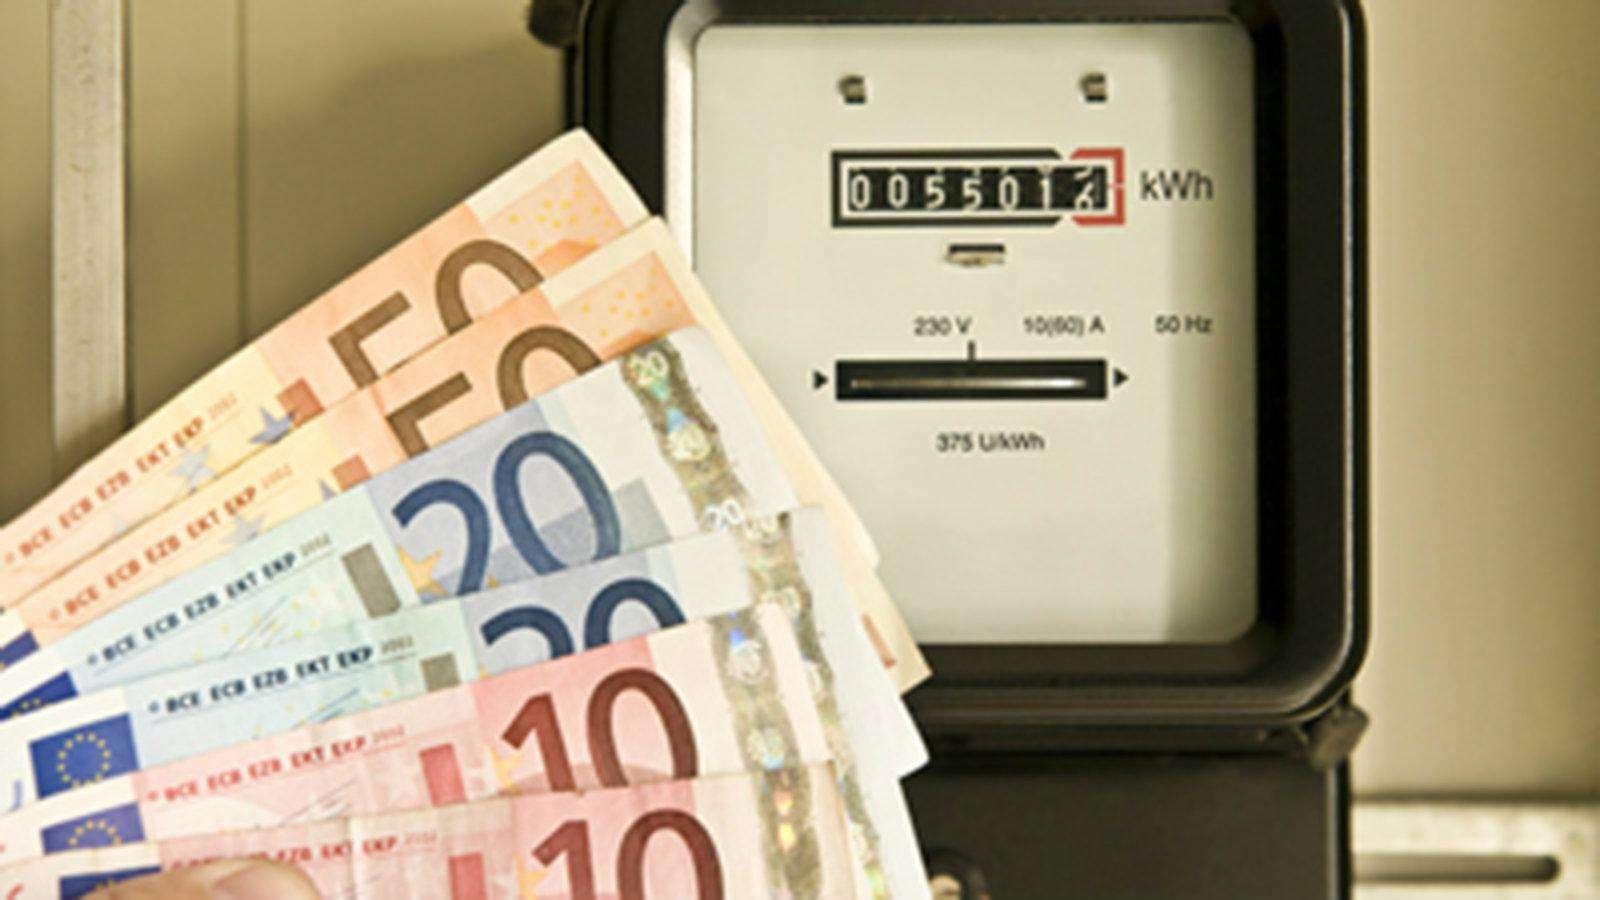 Μικρά μυστικά για μεγάλη οικονομία ρεύματος στο σπίτι